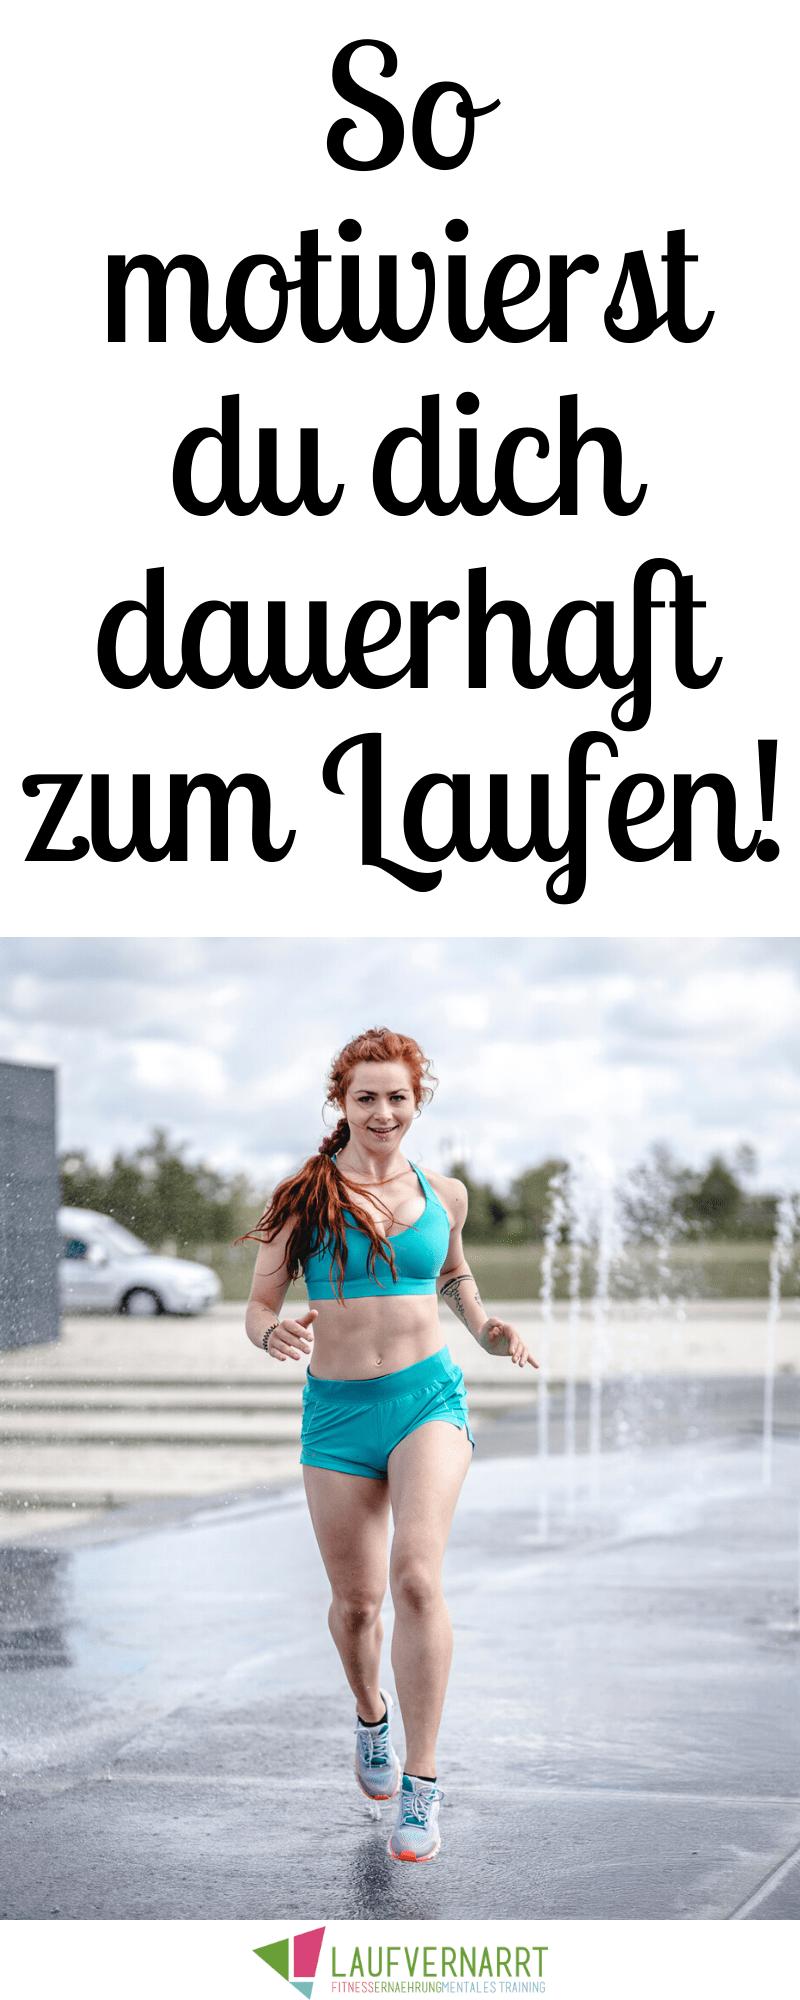 Wie geht es weiter nach den ersten 10 Kilometer laufen? #HeimlicheSieger -  Fitness motivation - #de...